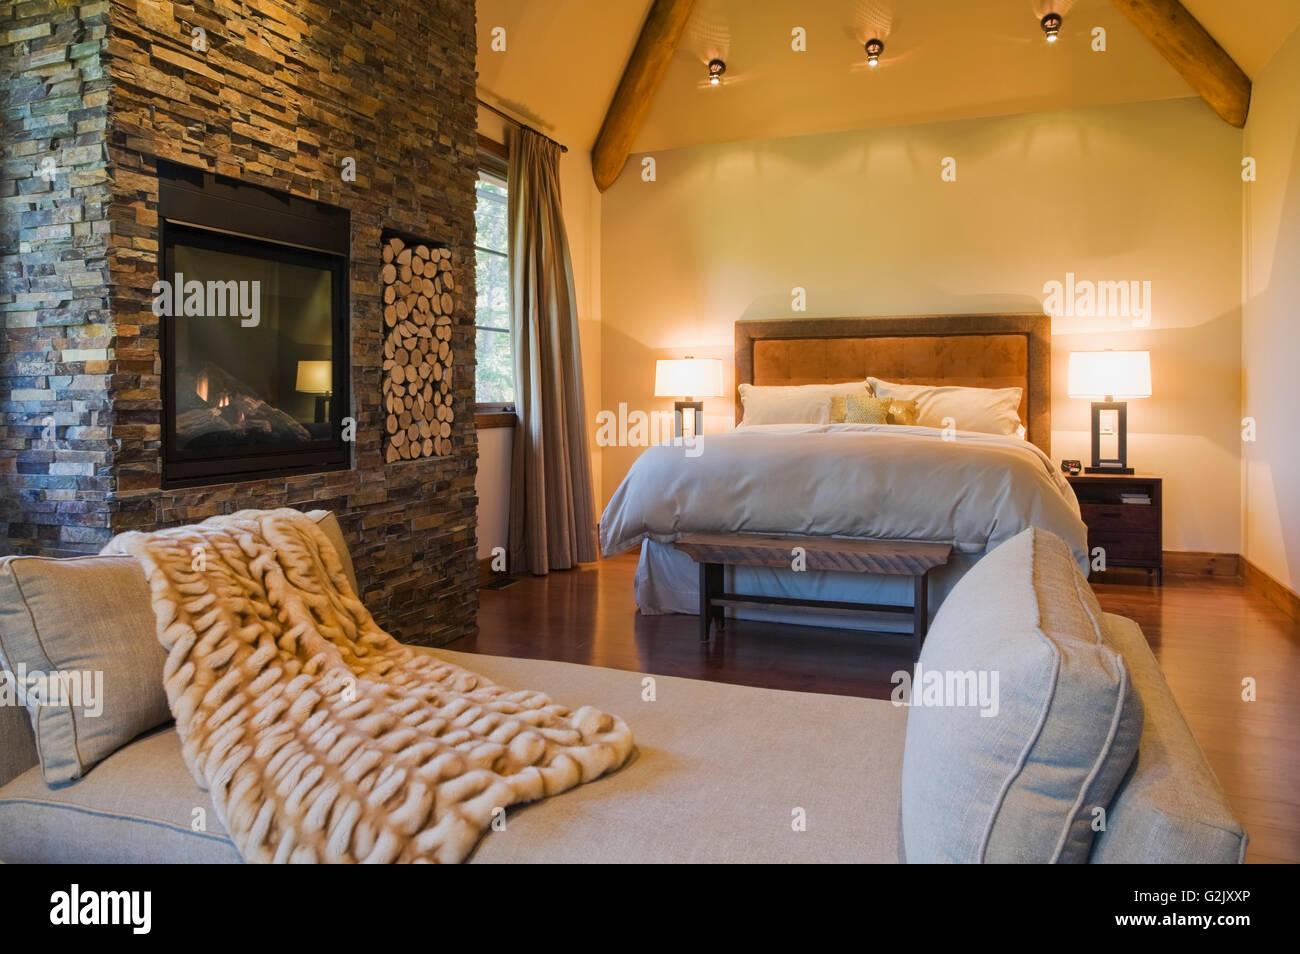 Camera Da Letto Beige : Il beige daybed buttare letto king size nella camera da letto